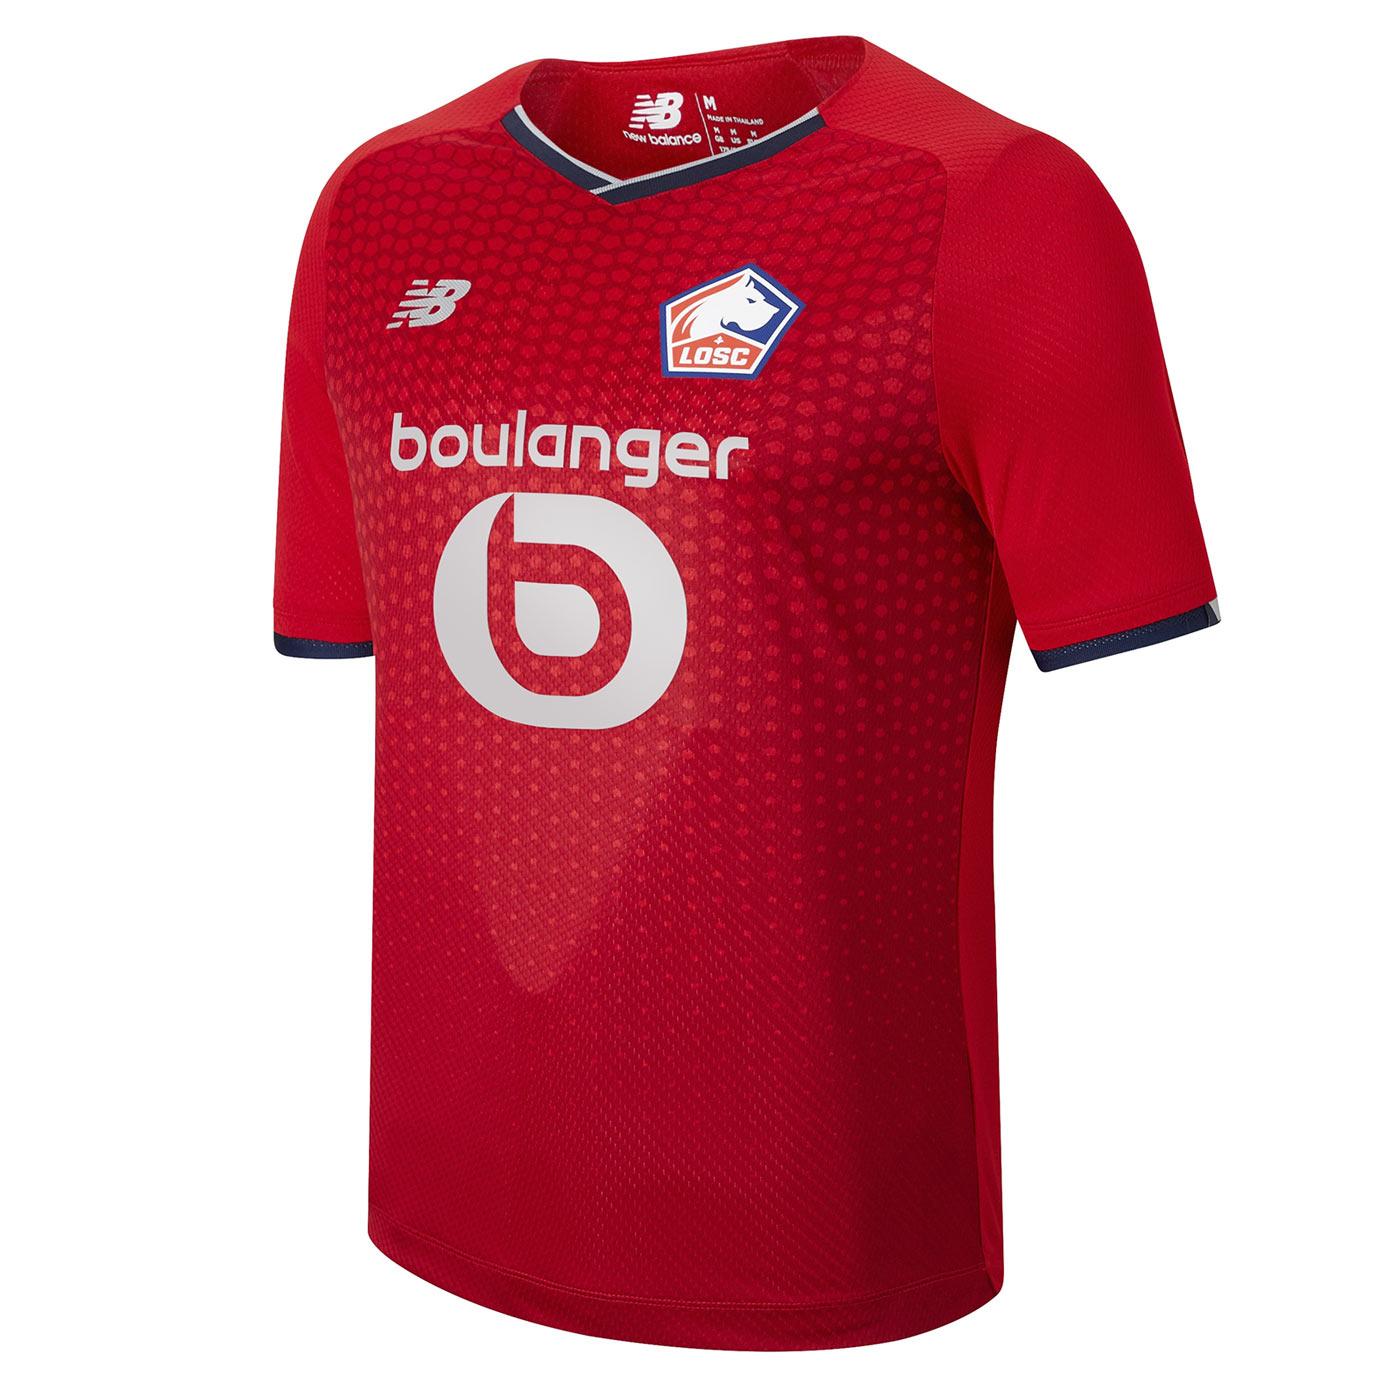 Maglia Lille 2021-2022 New Balance